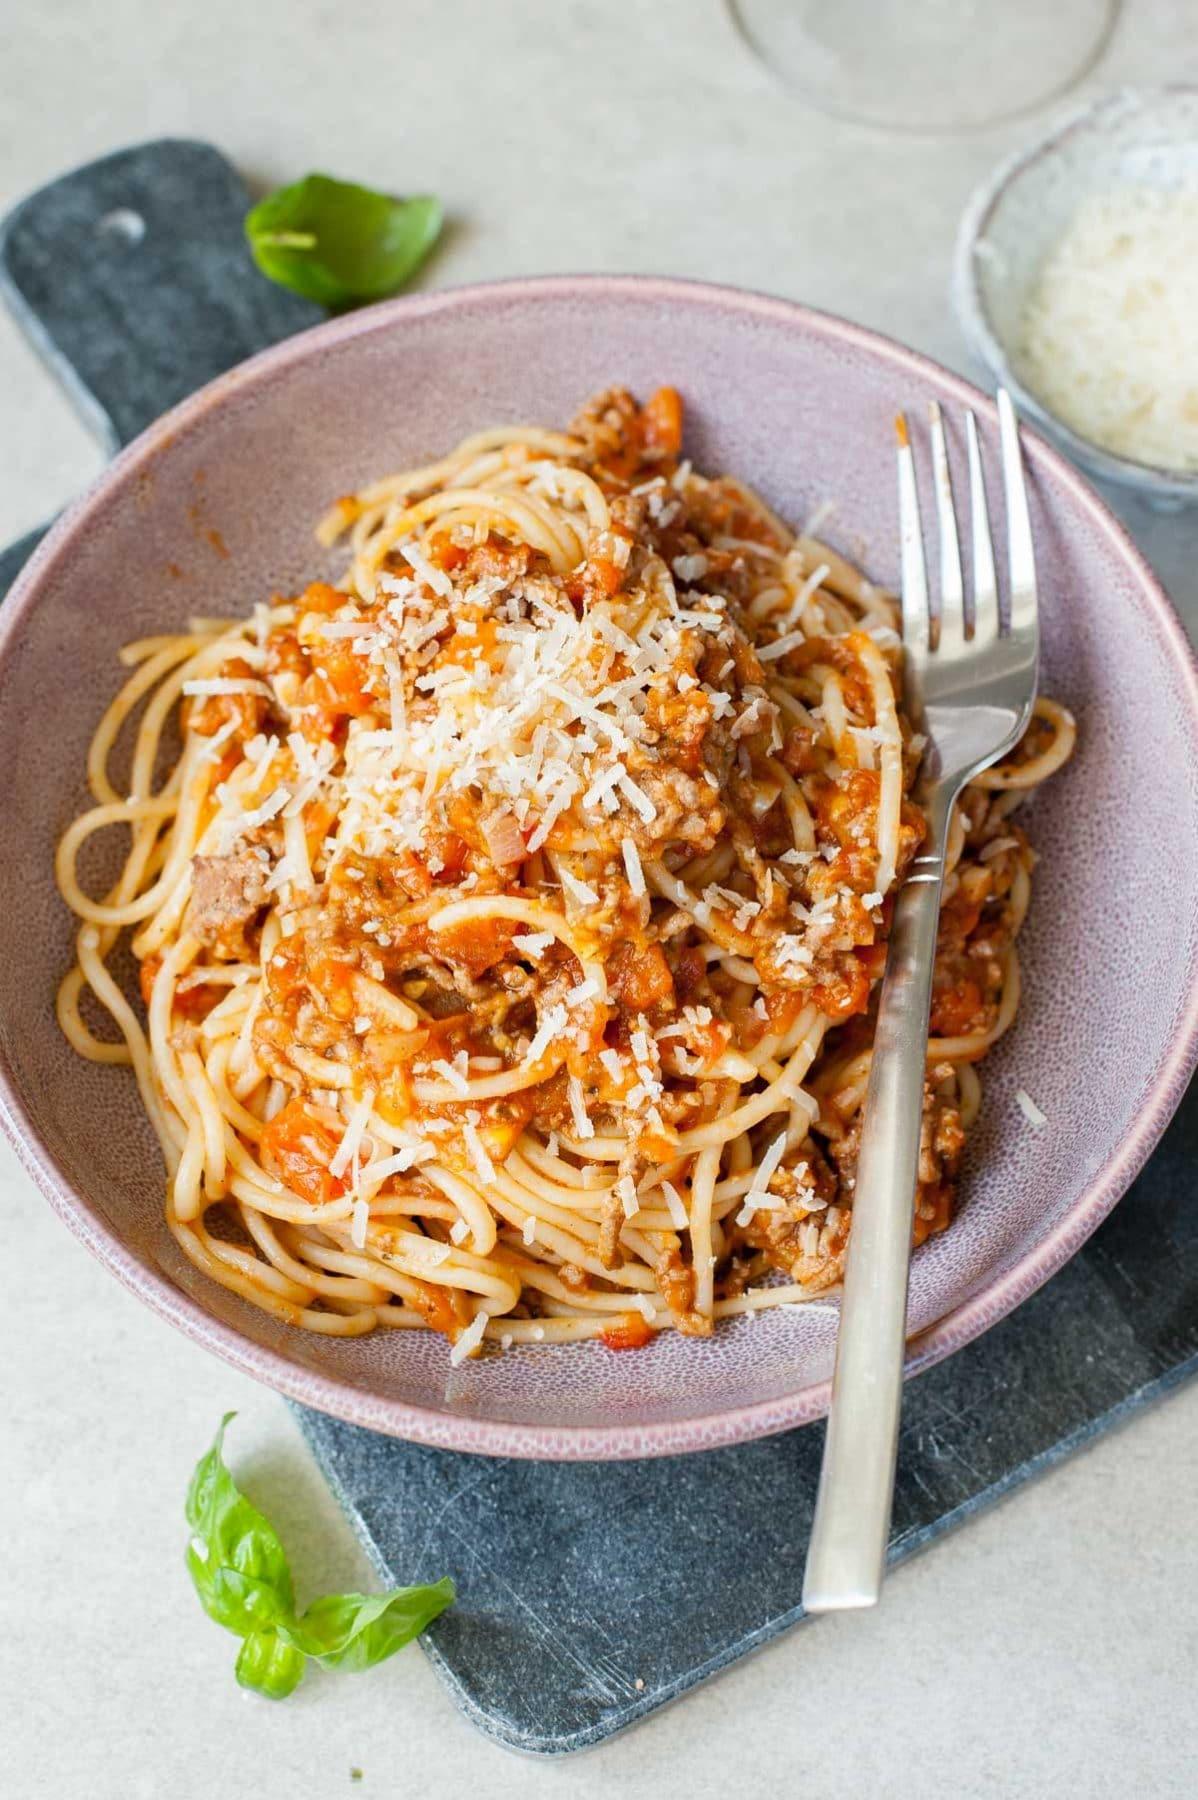 Szybkie spaghetti z mięsem i sosem ze świeżych pomidorów posypane parmezanem we fioletowej misce